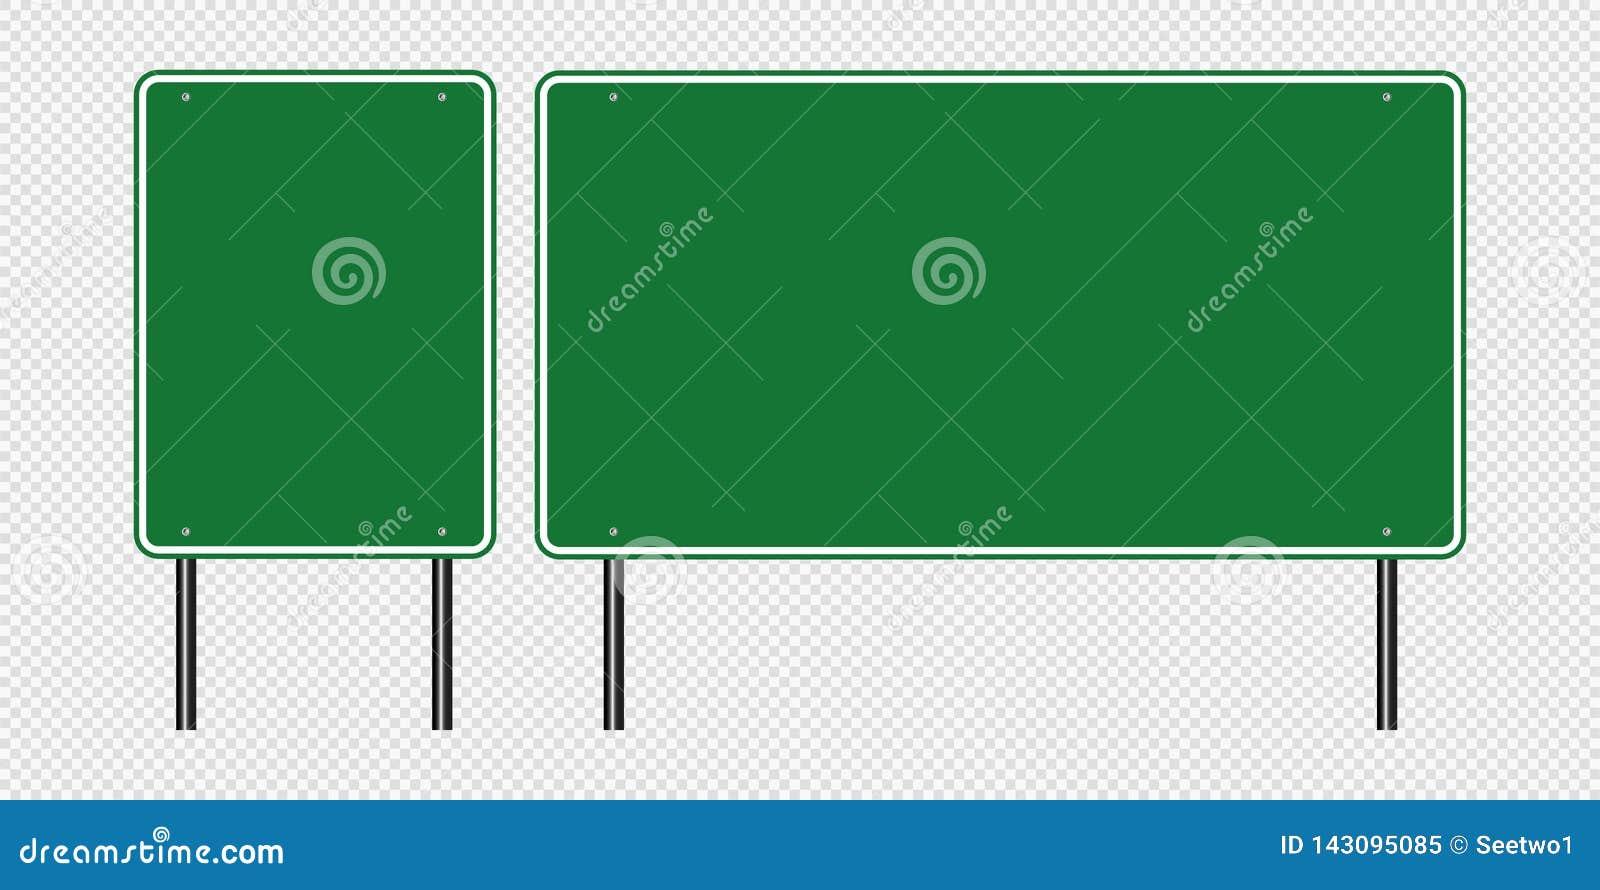 Tecken för symbolgräsplantrafik, vägbrädetecken som isoleras på genomskinlig bakgrund för illustrationsköld för 10 eps vektor